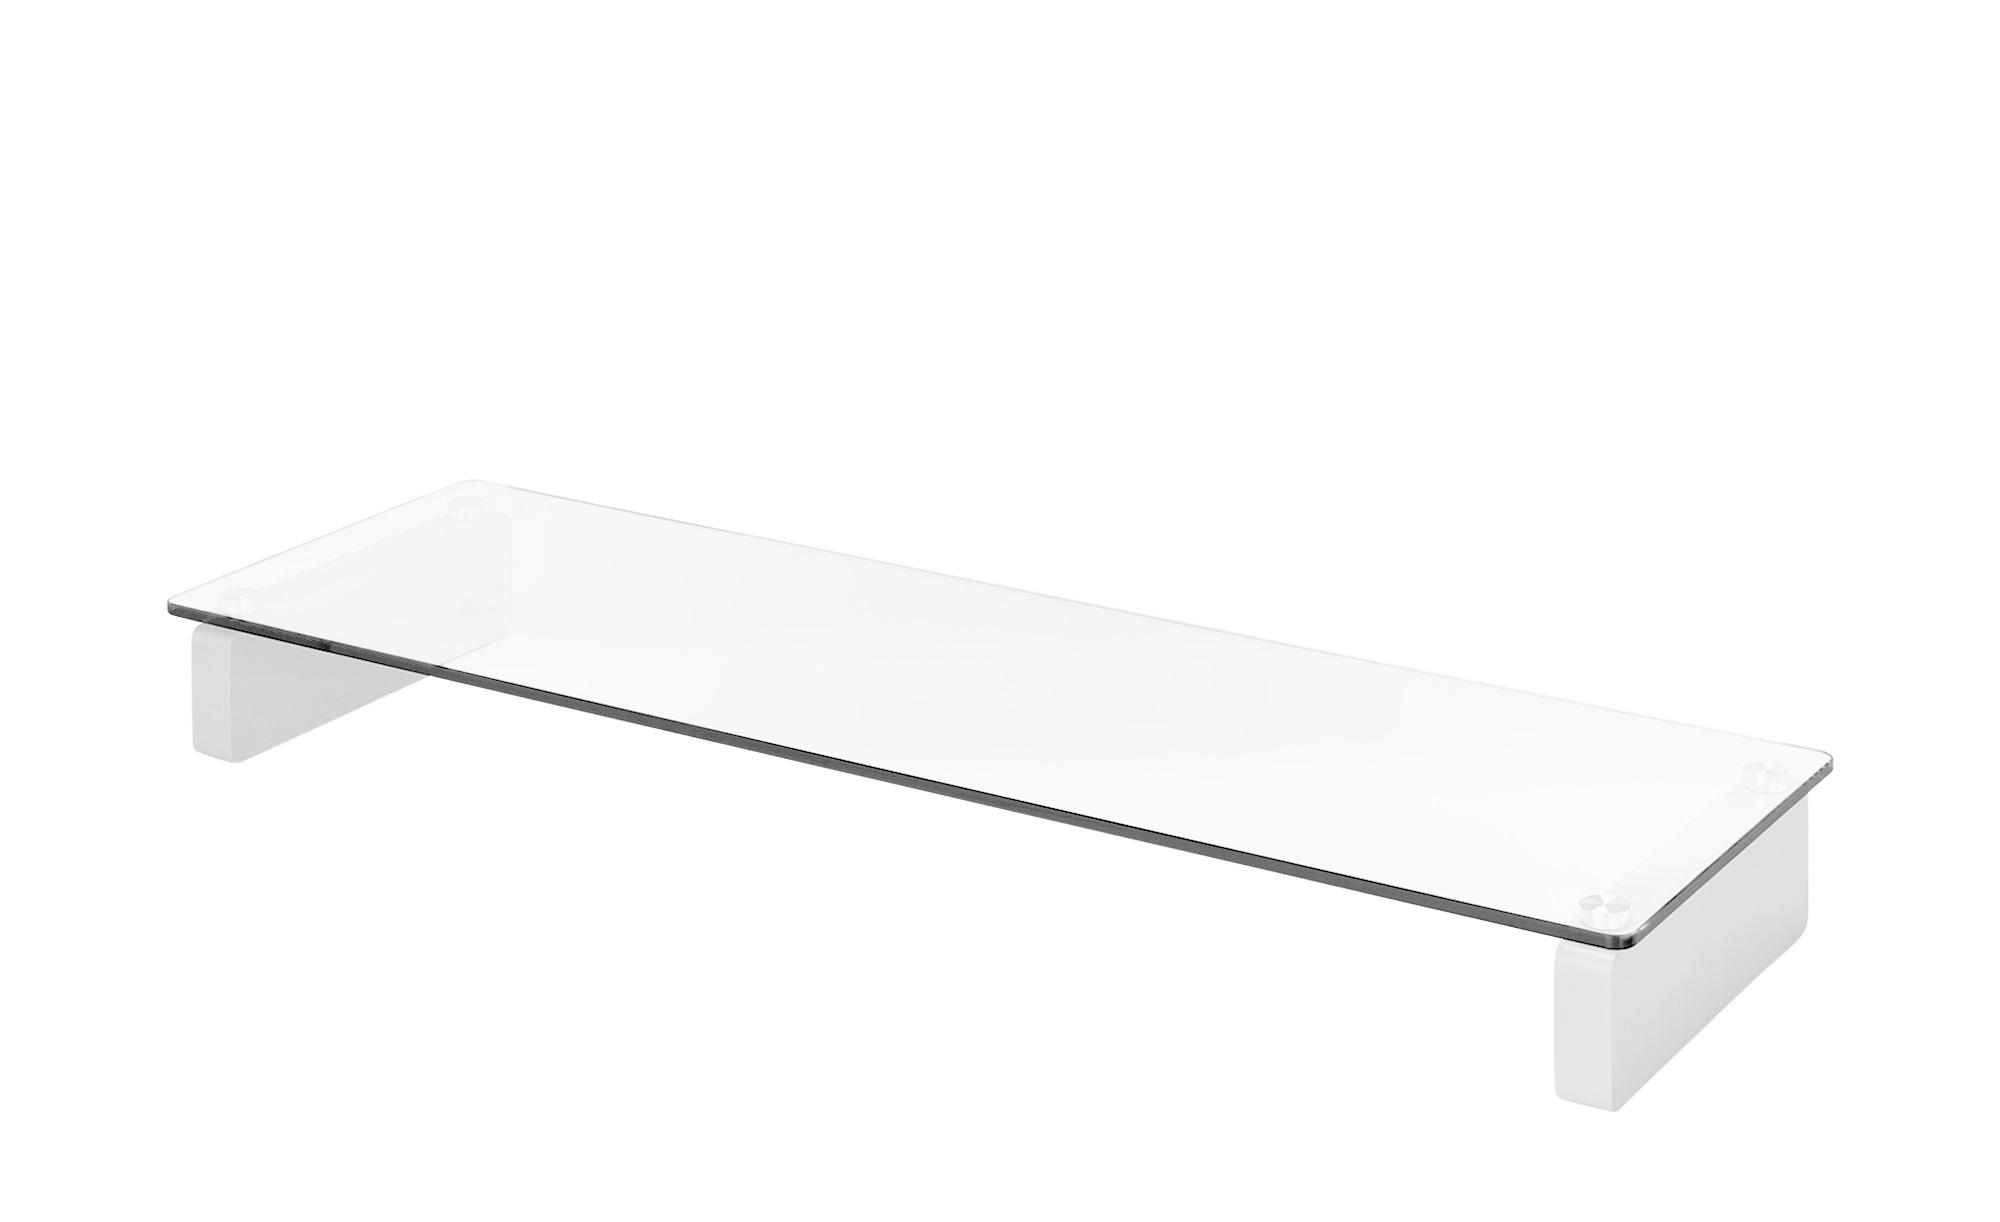 TV-Aufsatz  Marburg III - weiß - 110 cm - 12,2 cm - 35 cm - TV- & Media Möbel > TV-Schränke - Möbel Kraft | Wohnzimmer > TV-HiFi-Möbel > TV-Halterungen | Sconto